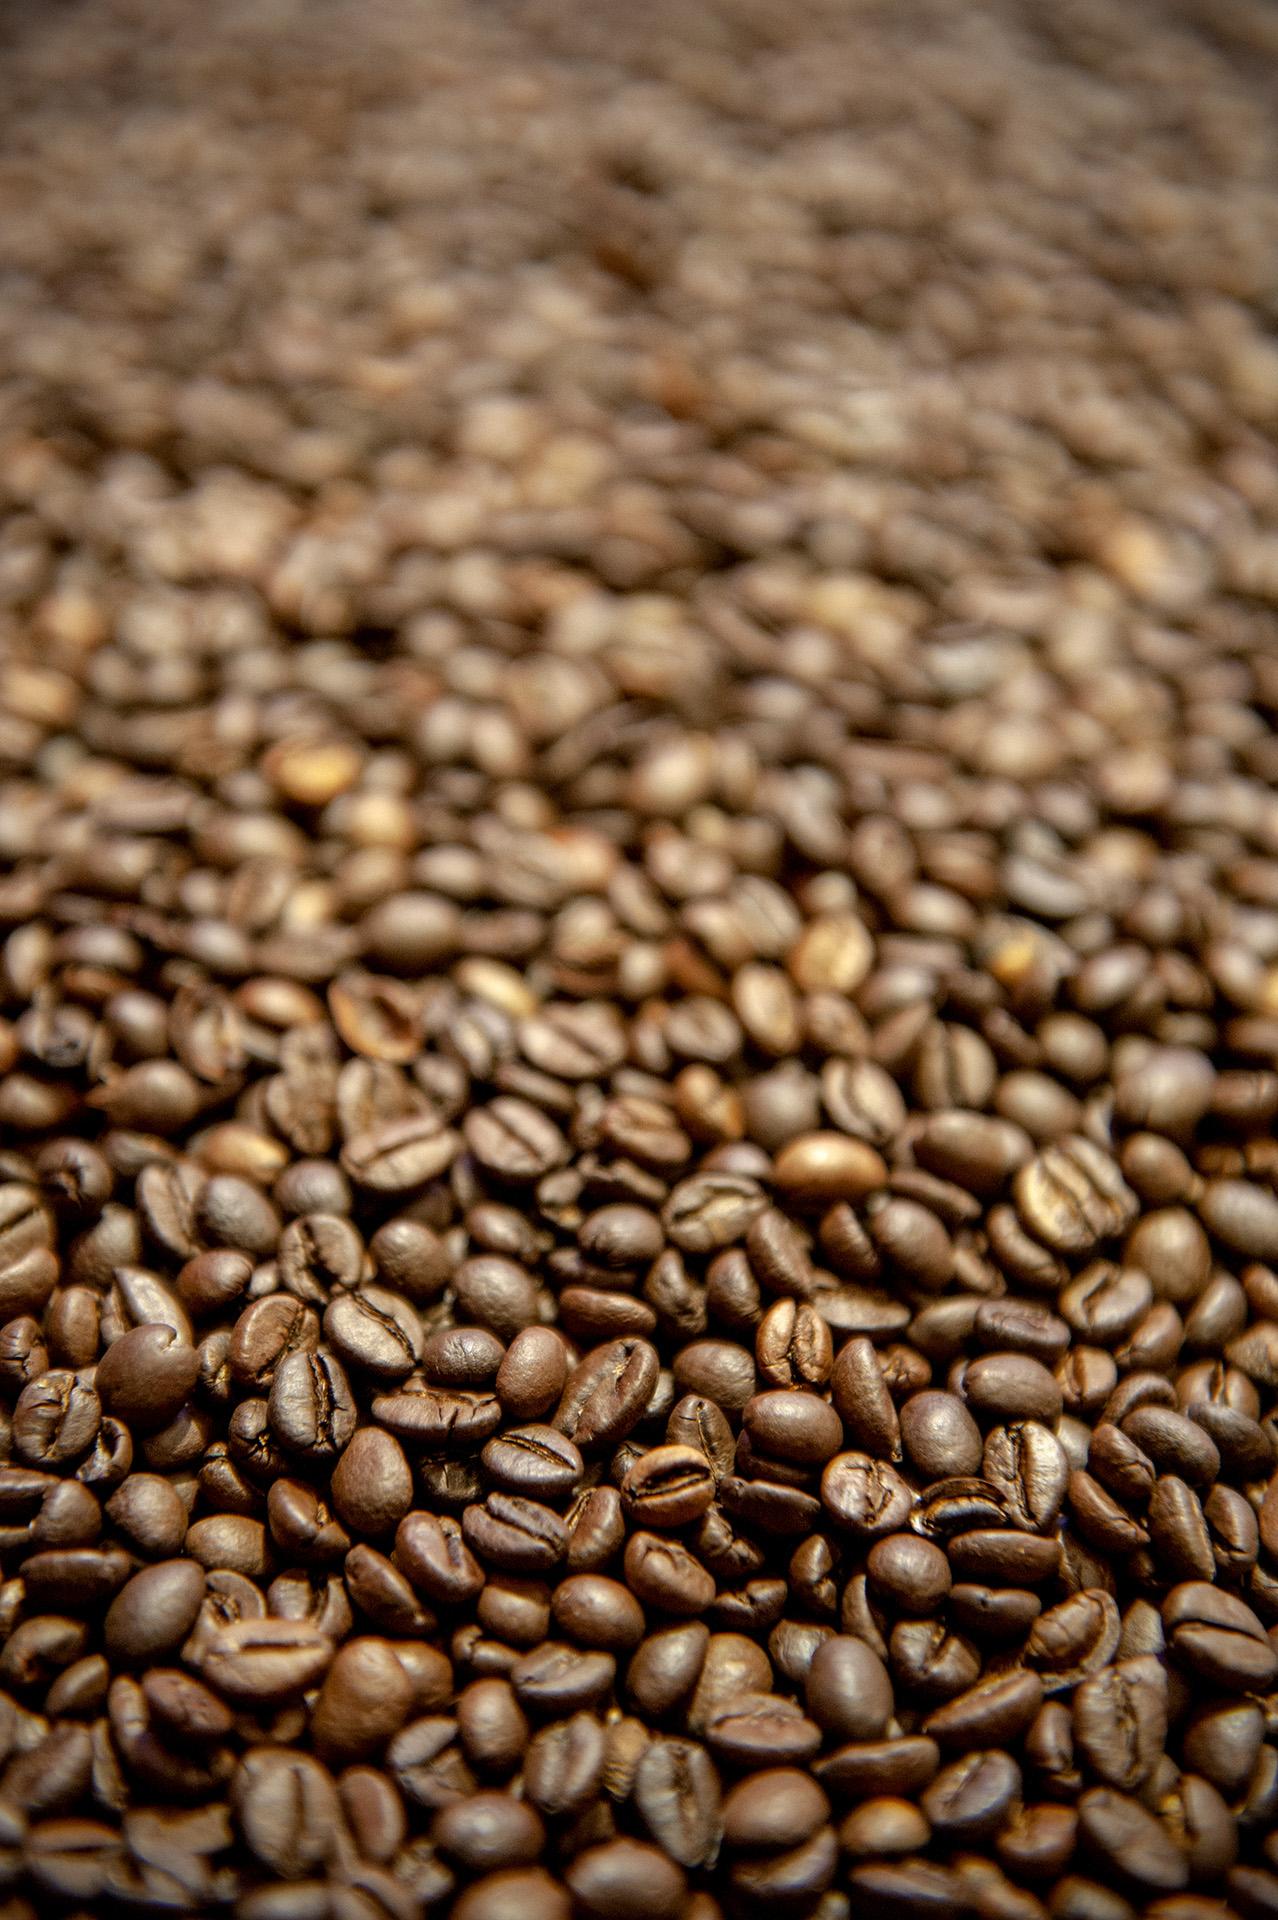 chicchi di caffé dopo la tostatura